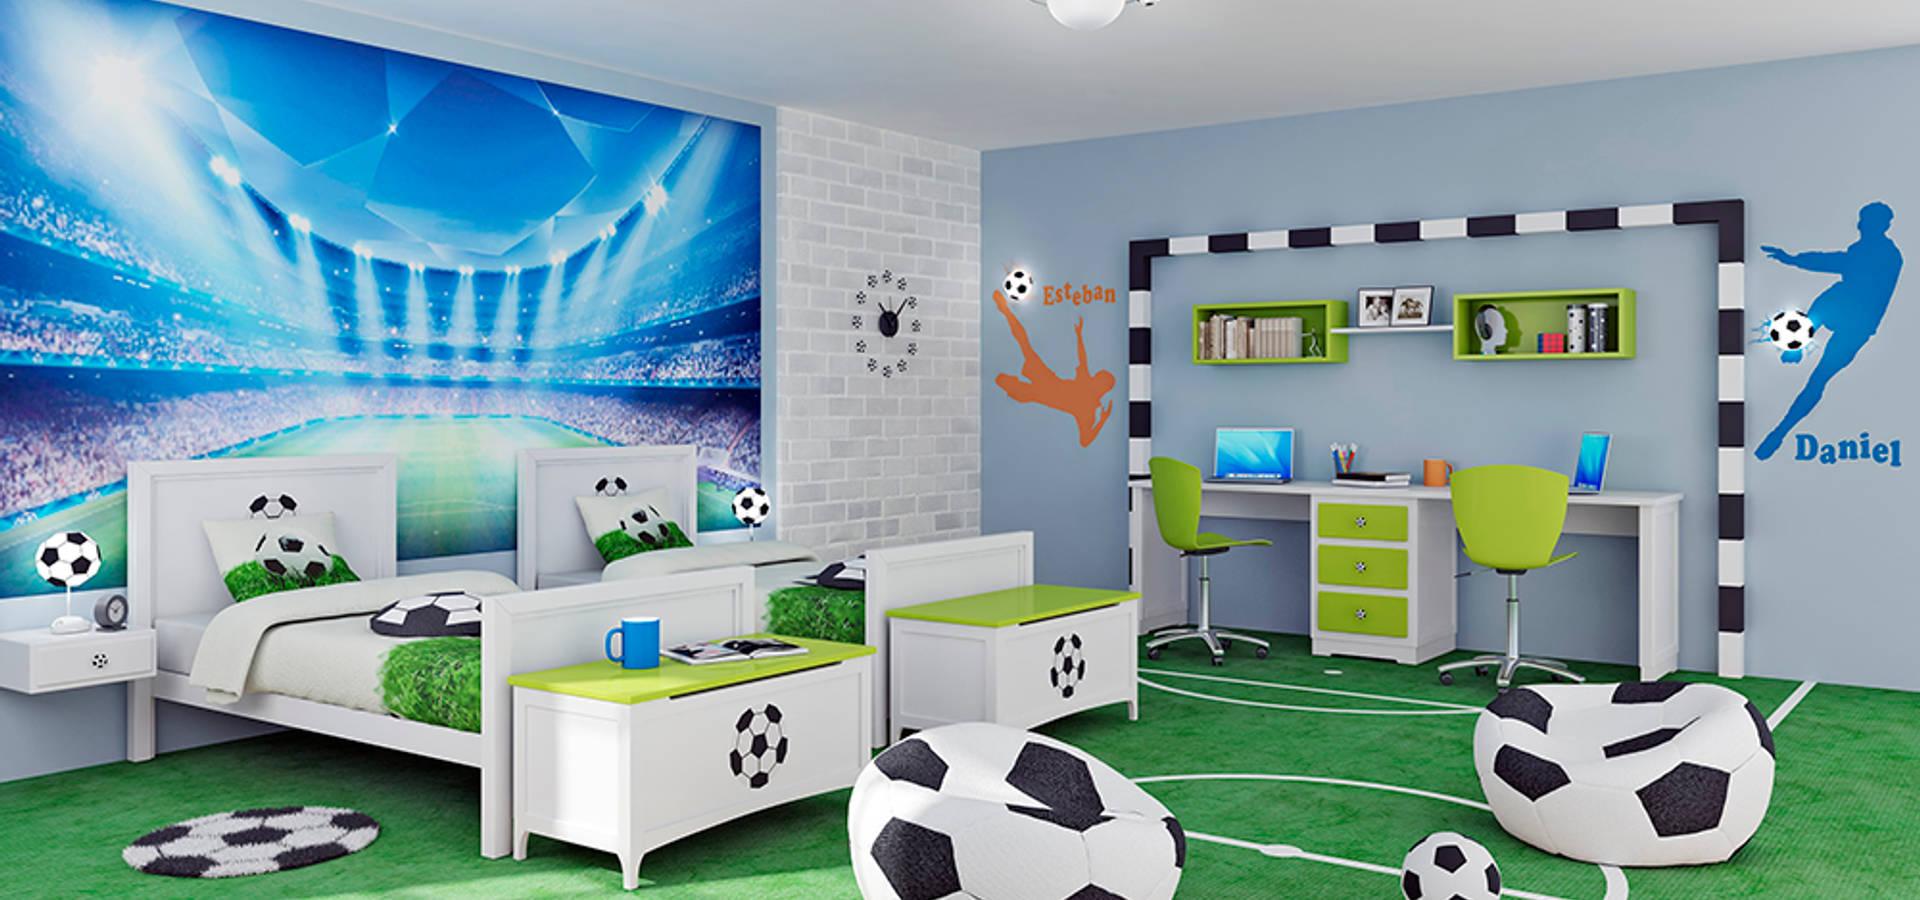 Decoraci n dormitorio infantil dinosaurios de lo quiero en - Decoracion dormitorio infantil ...